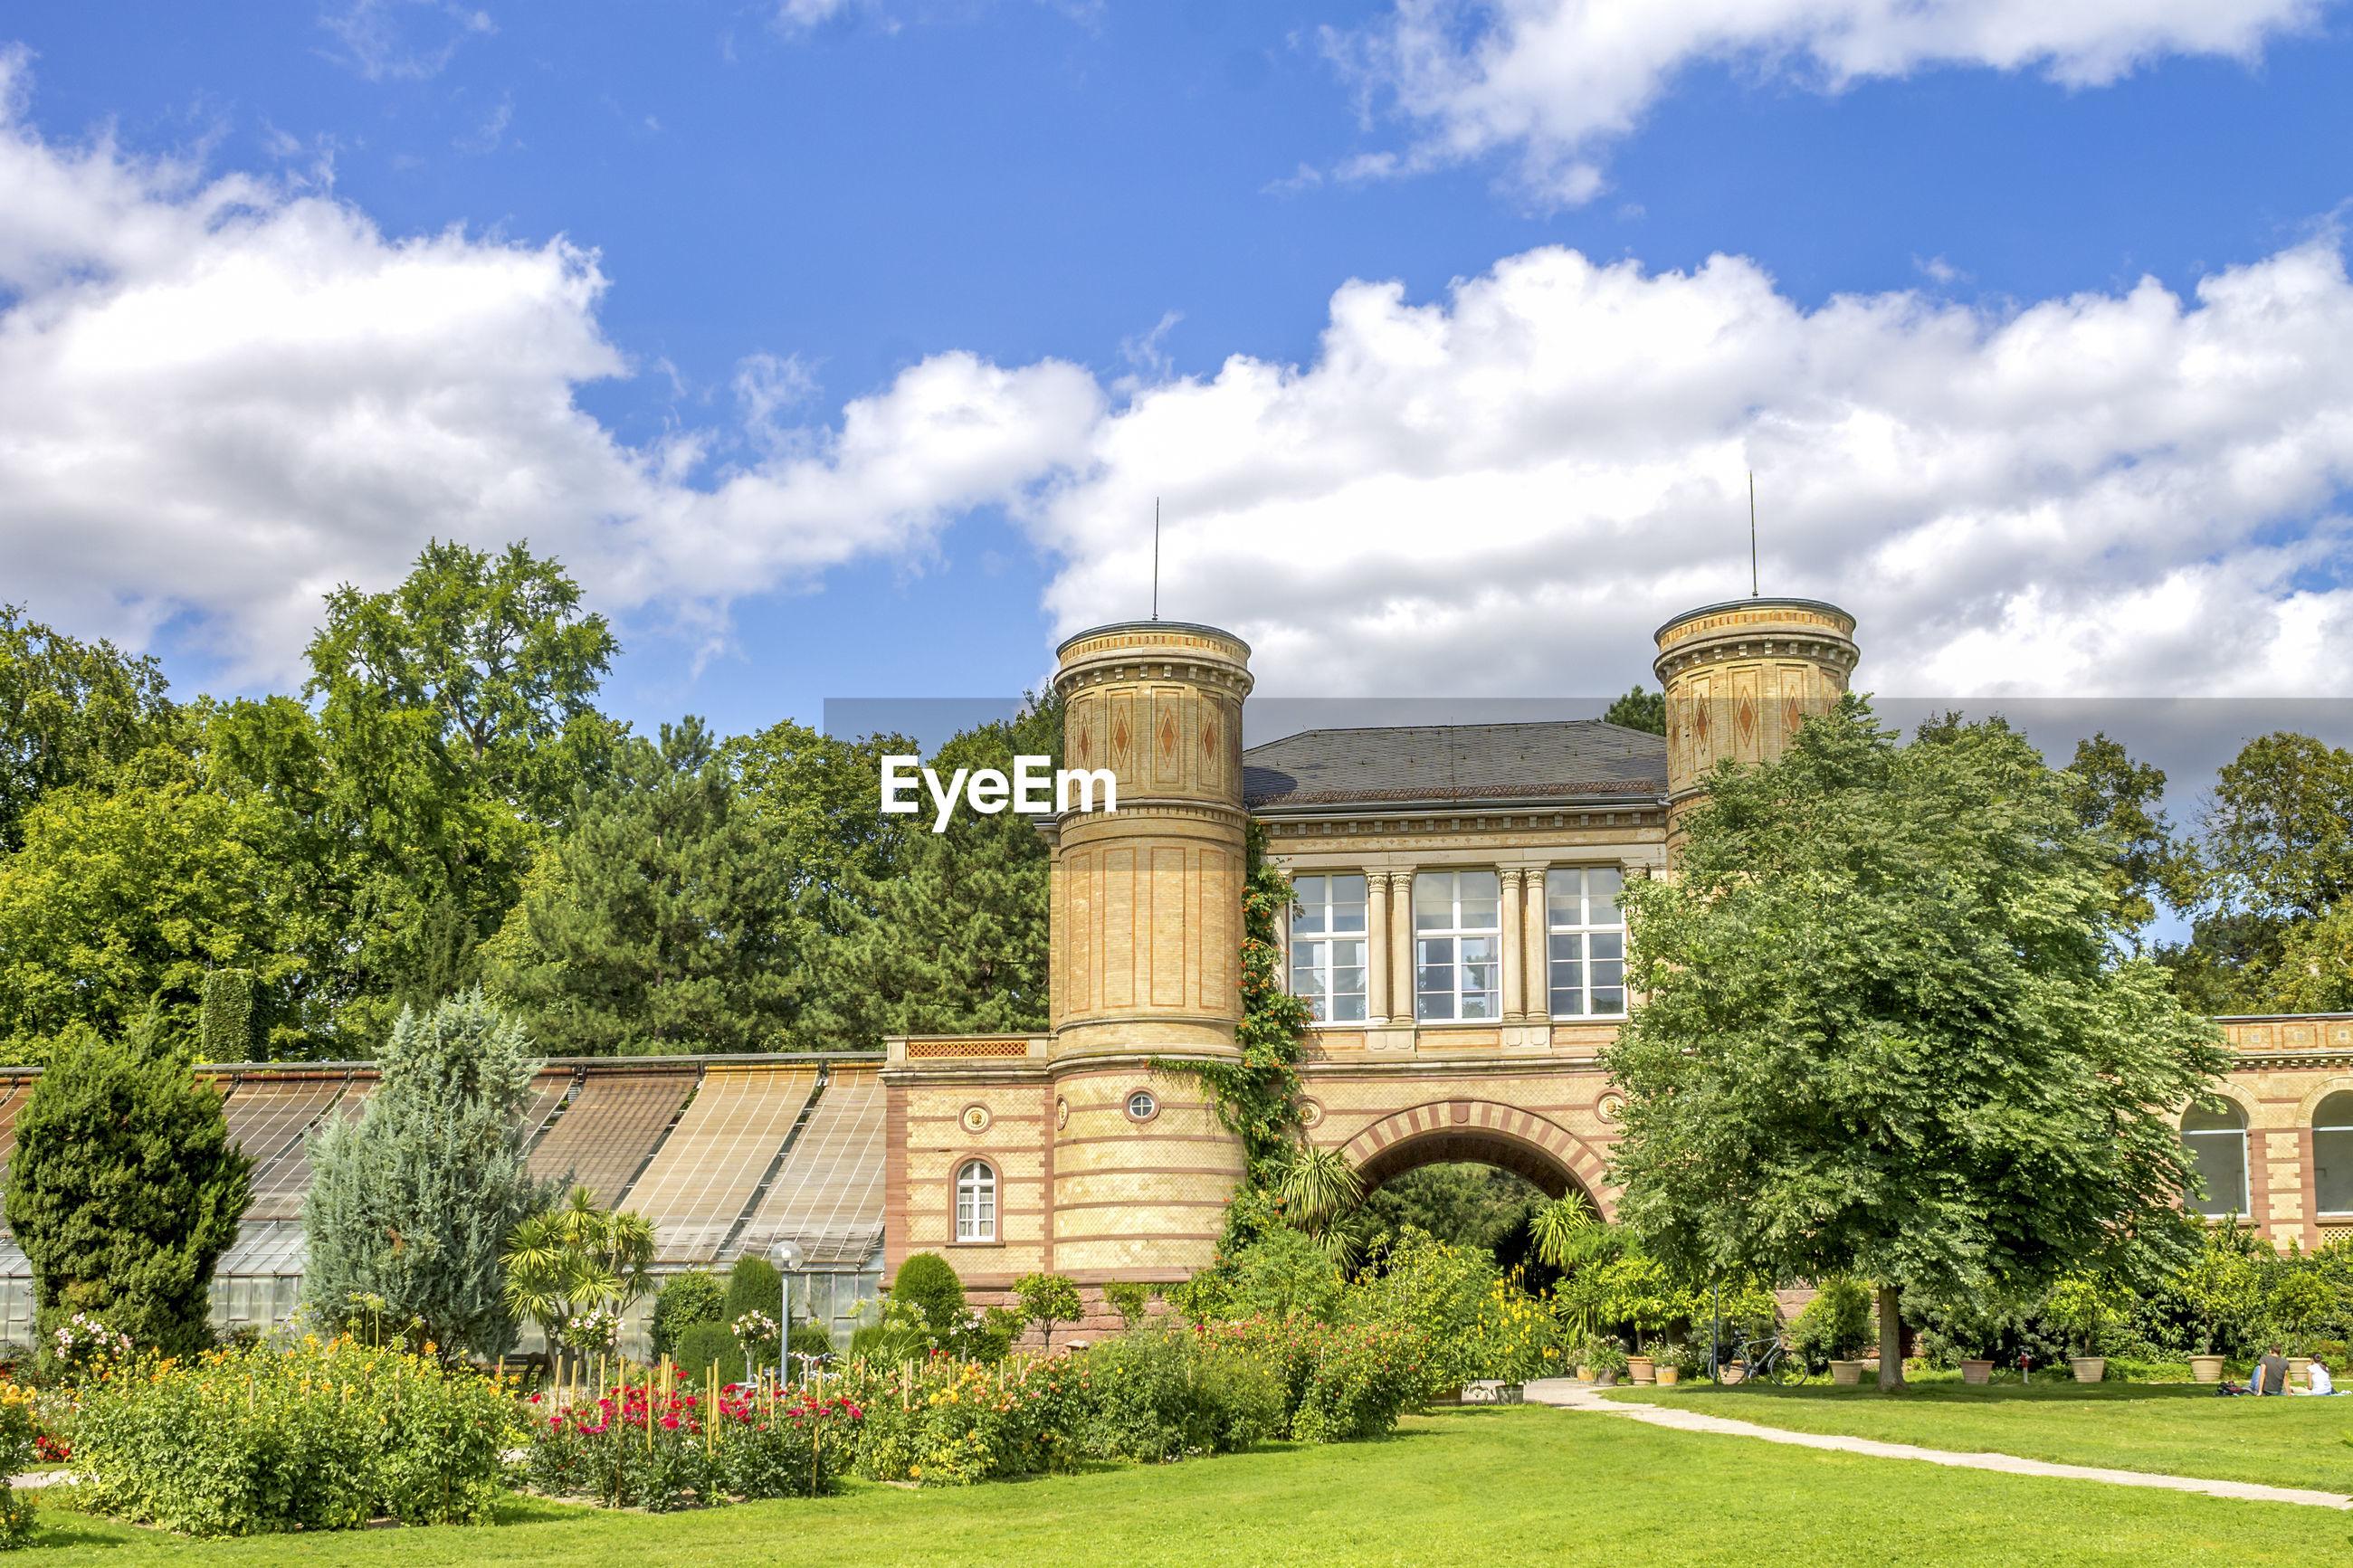 Castle against blue sky